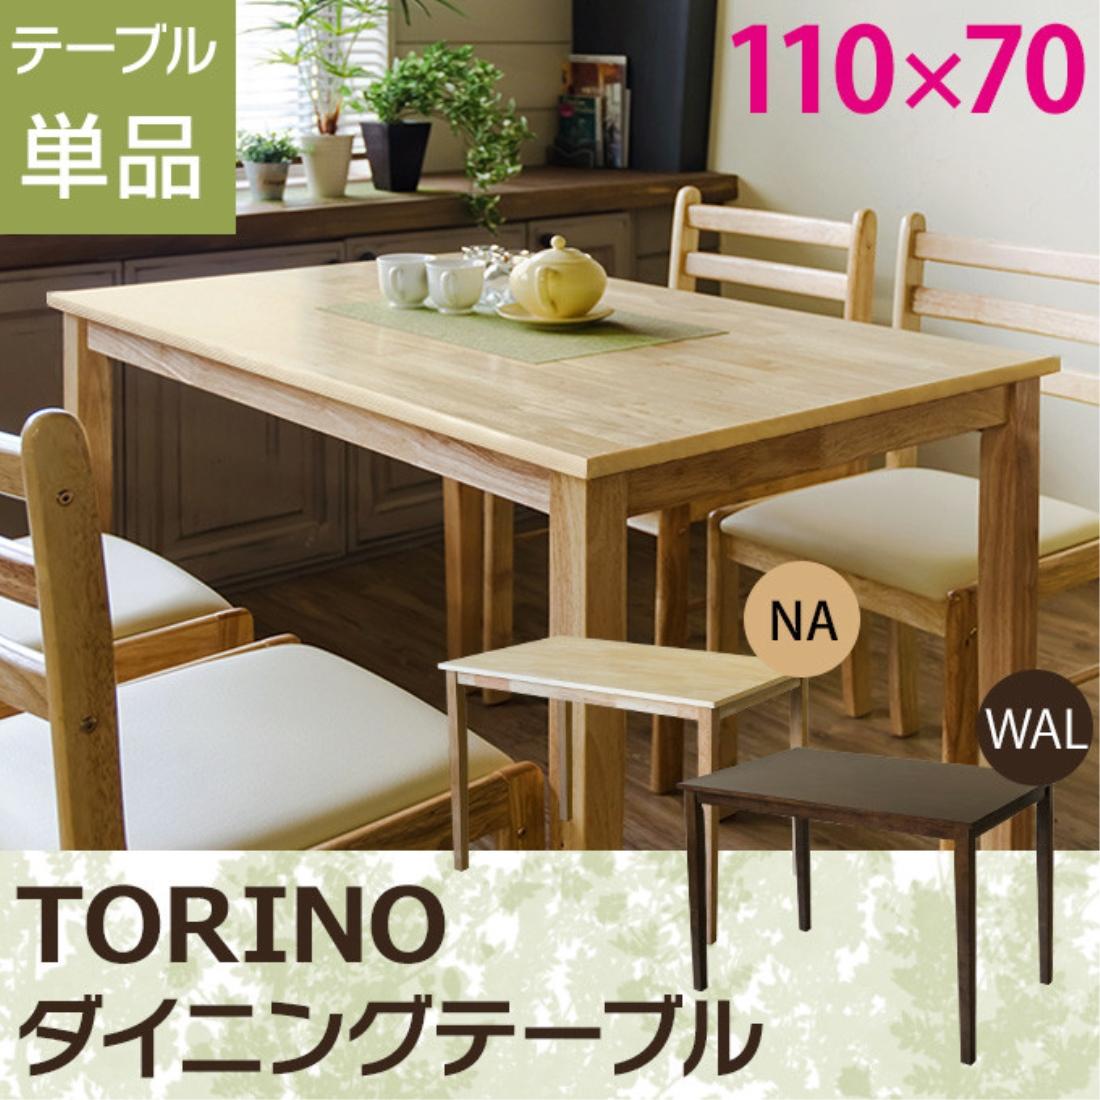 インテリア 家具 机 テーブル TORINO ダイニングテーブル 110×70 【時間指定不可】